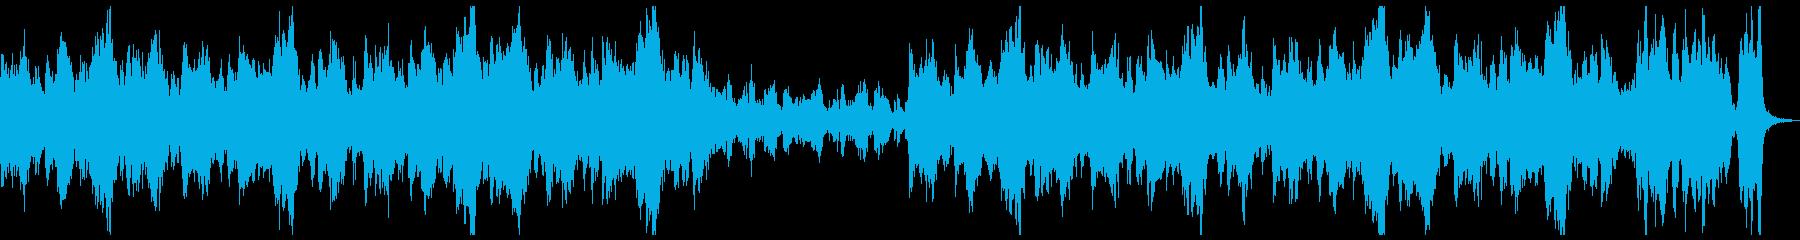 RPG戦闘勝利シーン行進曲ファンファーレの再生済みの波形